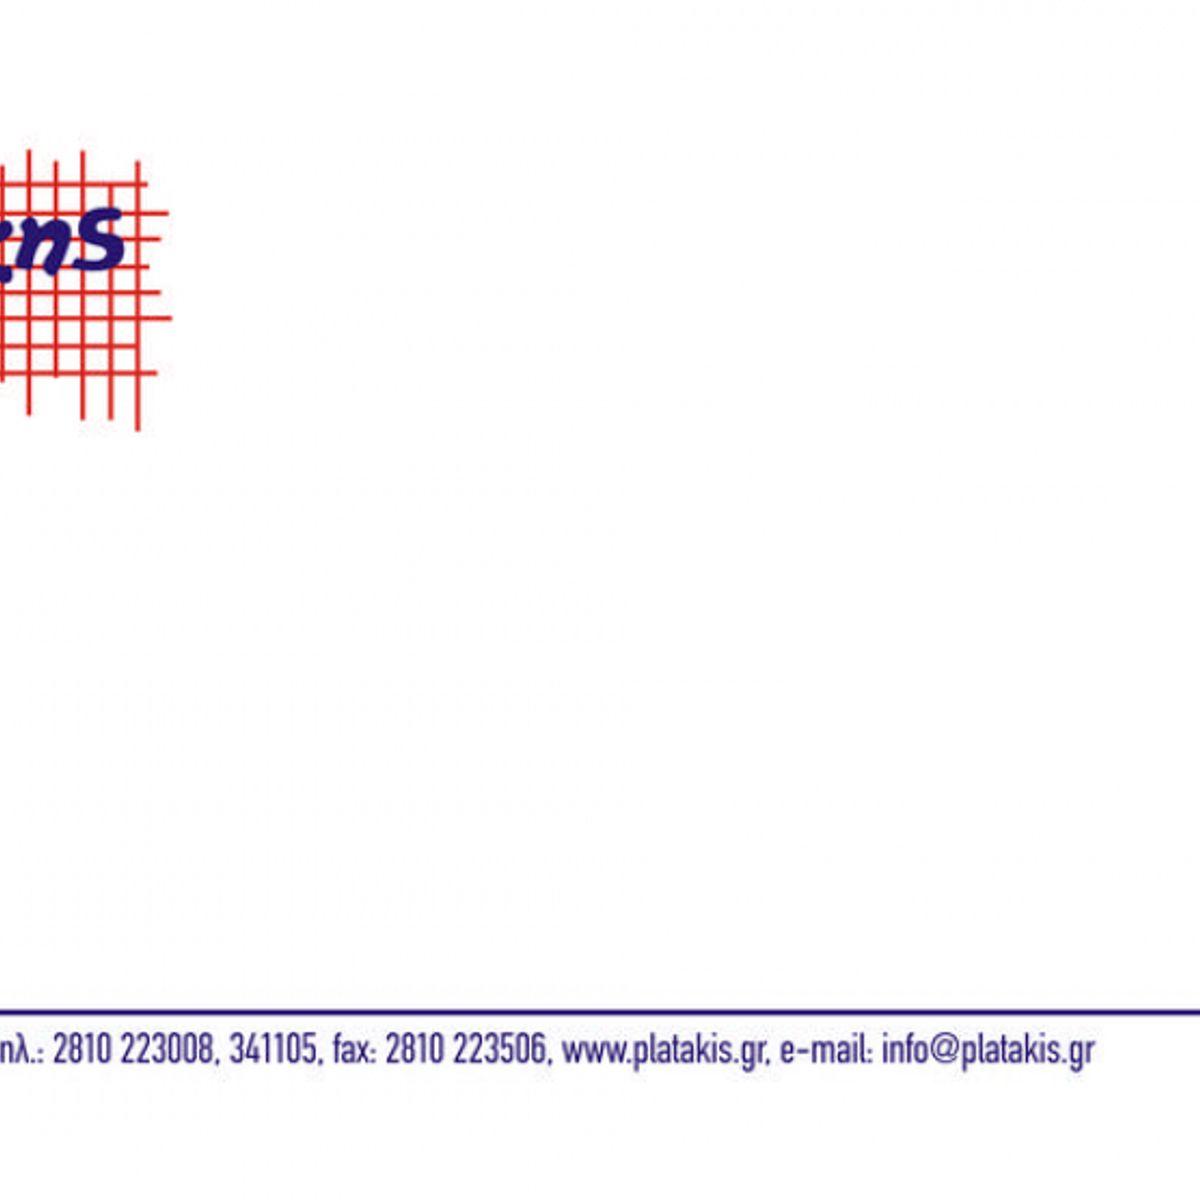 Φάκελοι - fos3545